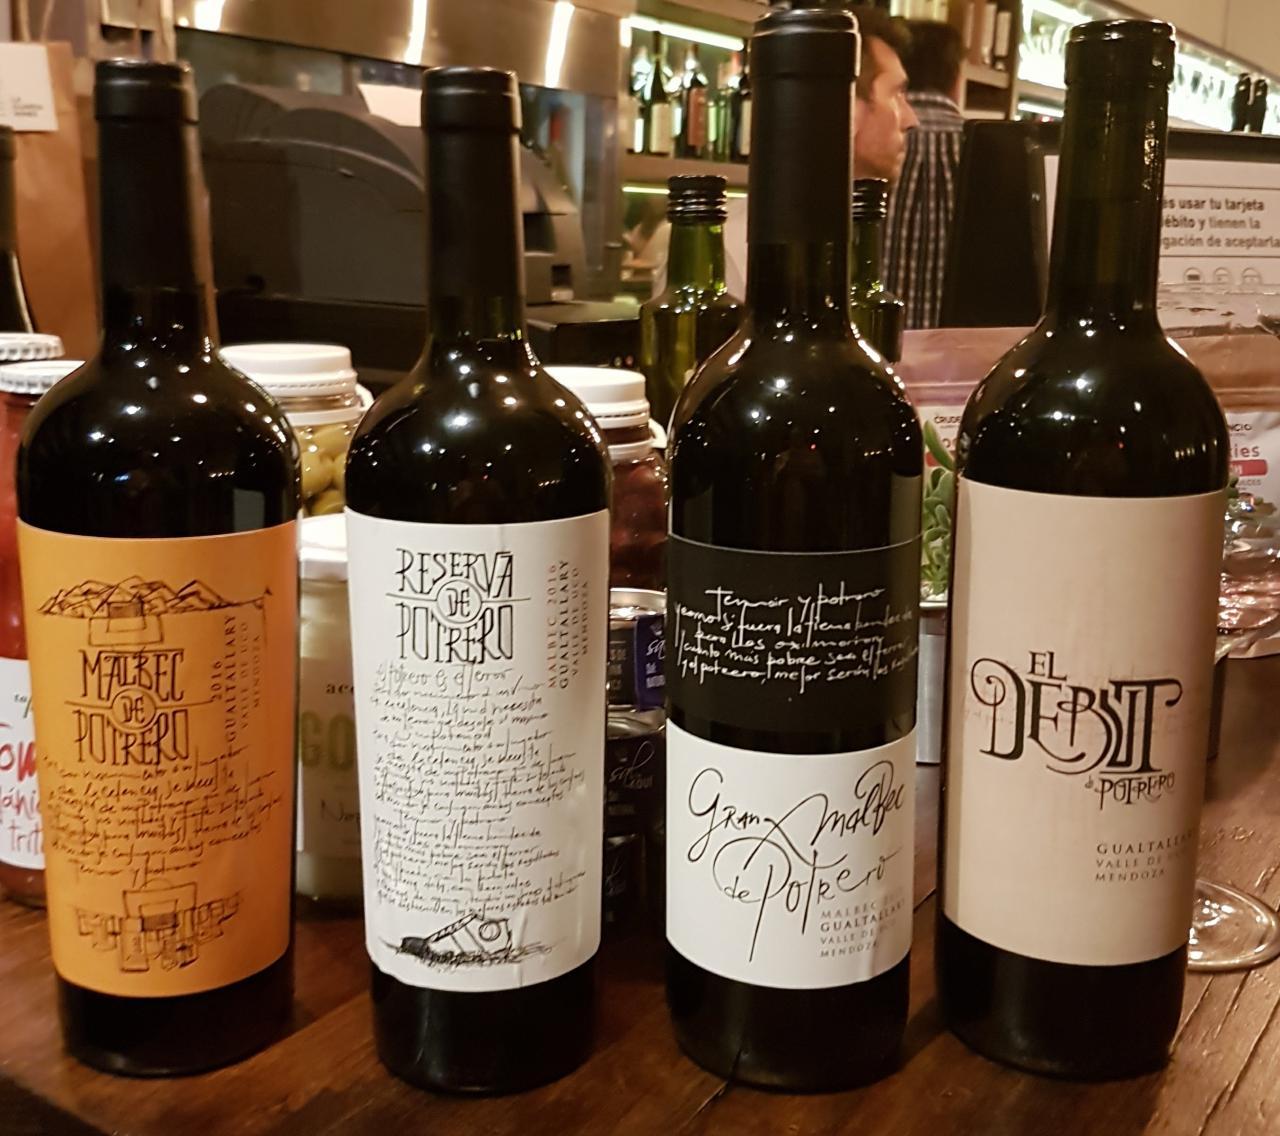 Los Vinos de Potrero de Nicolás Burdisso